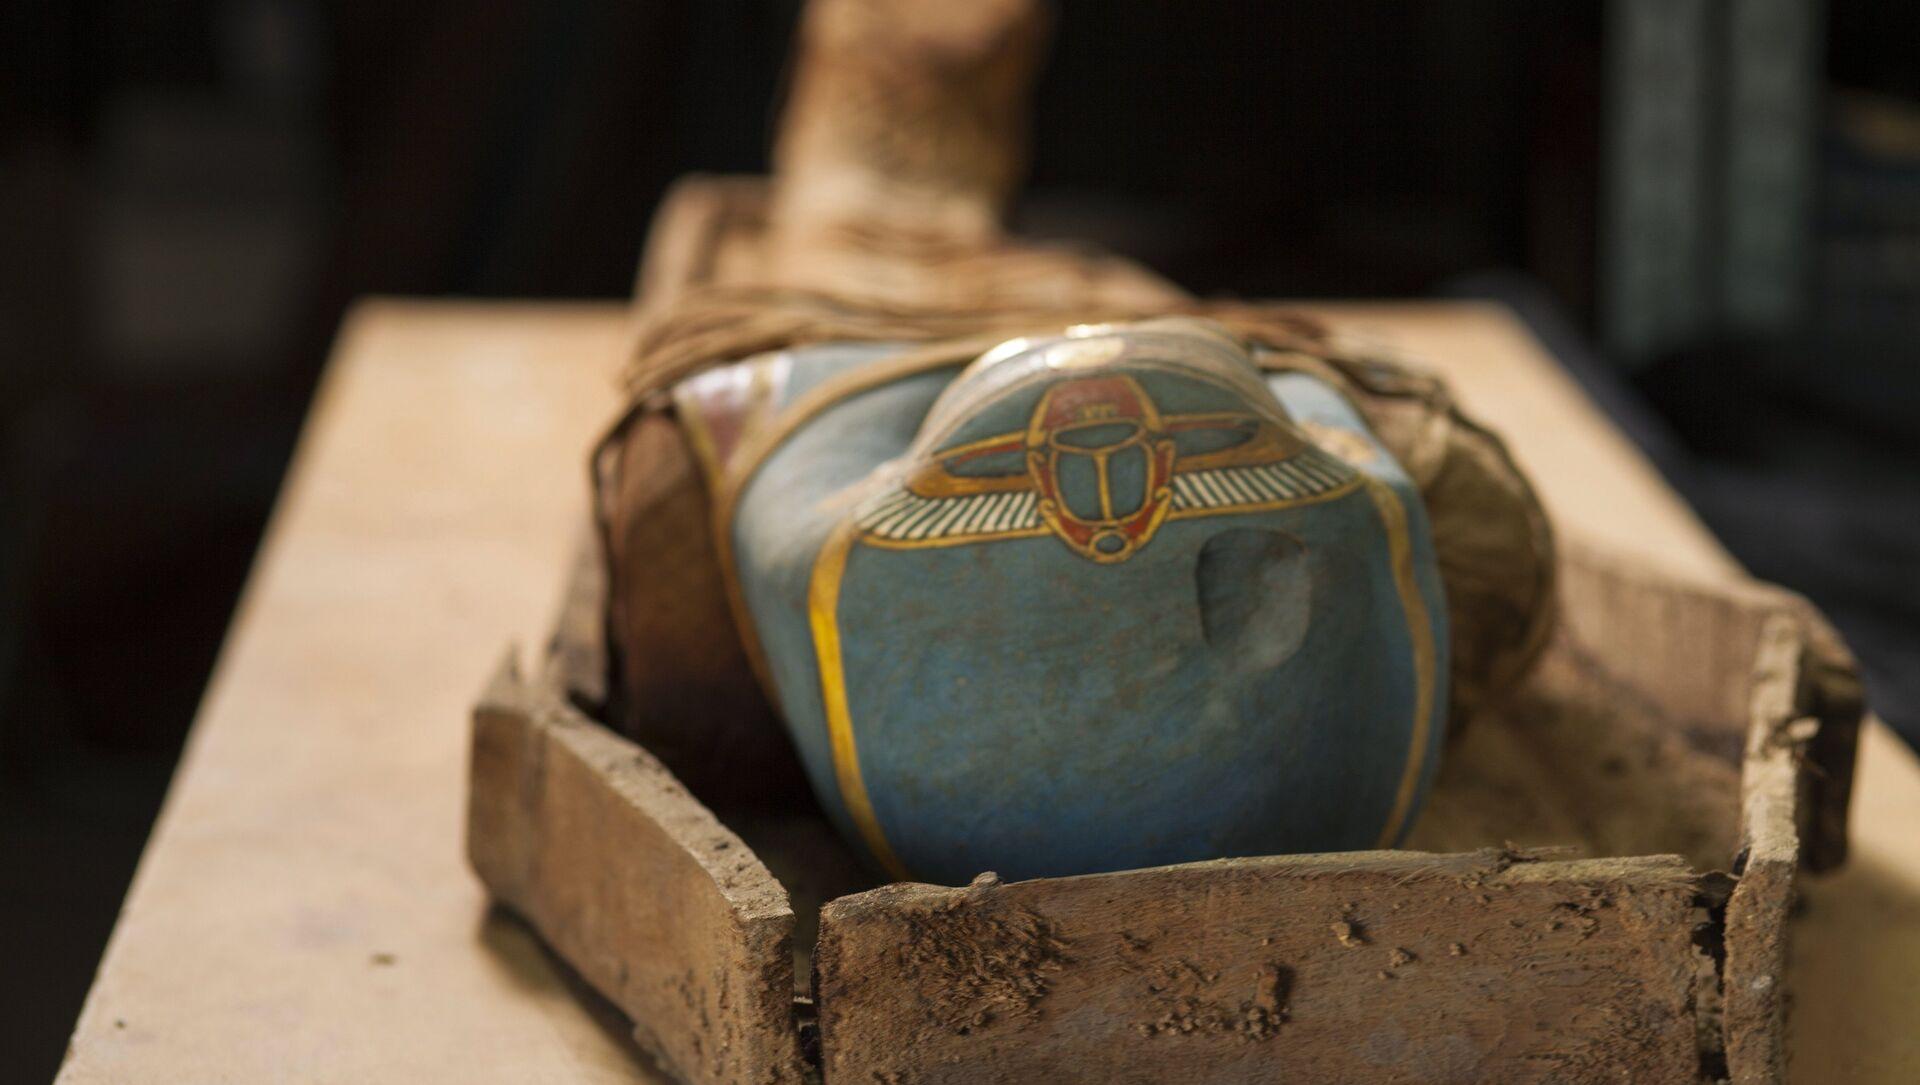 La momia descubierta en el oasis de El Fayum, Egipto - Sputnik Mundo, 1920, 04.02.2021